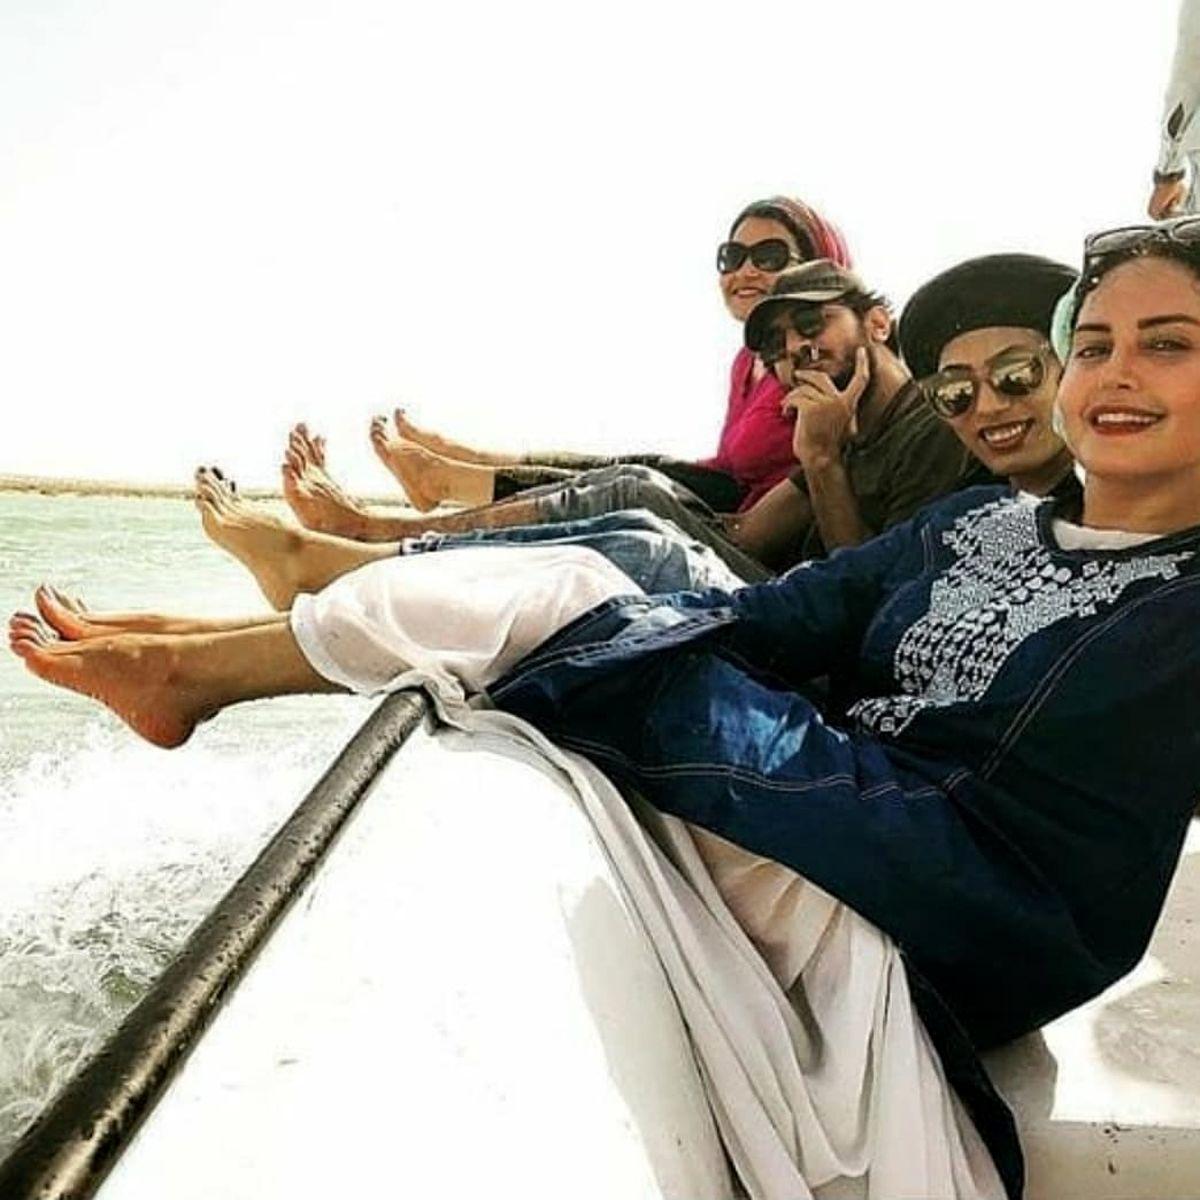 دراز کشیدن الناز شاکردوست در قایق تفریحی با دامن کوتاه + عکس